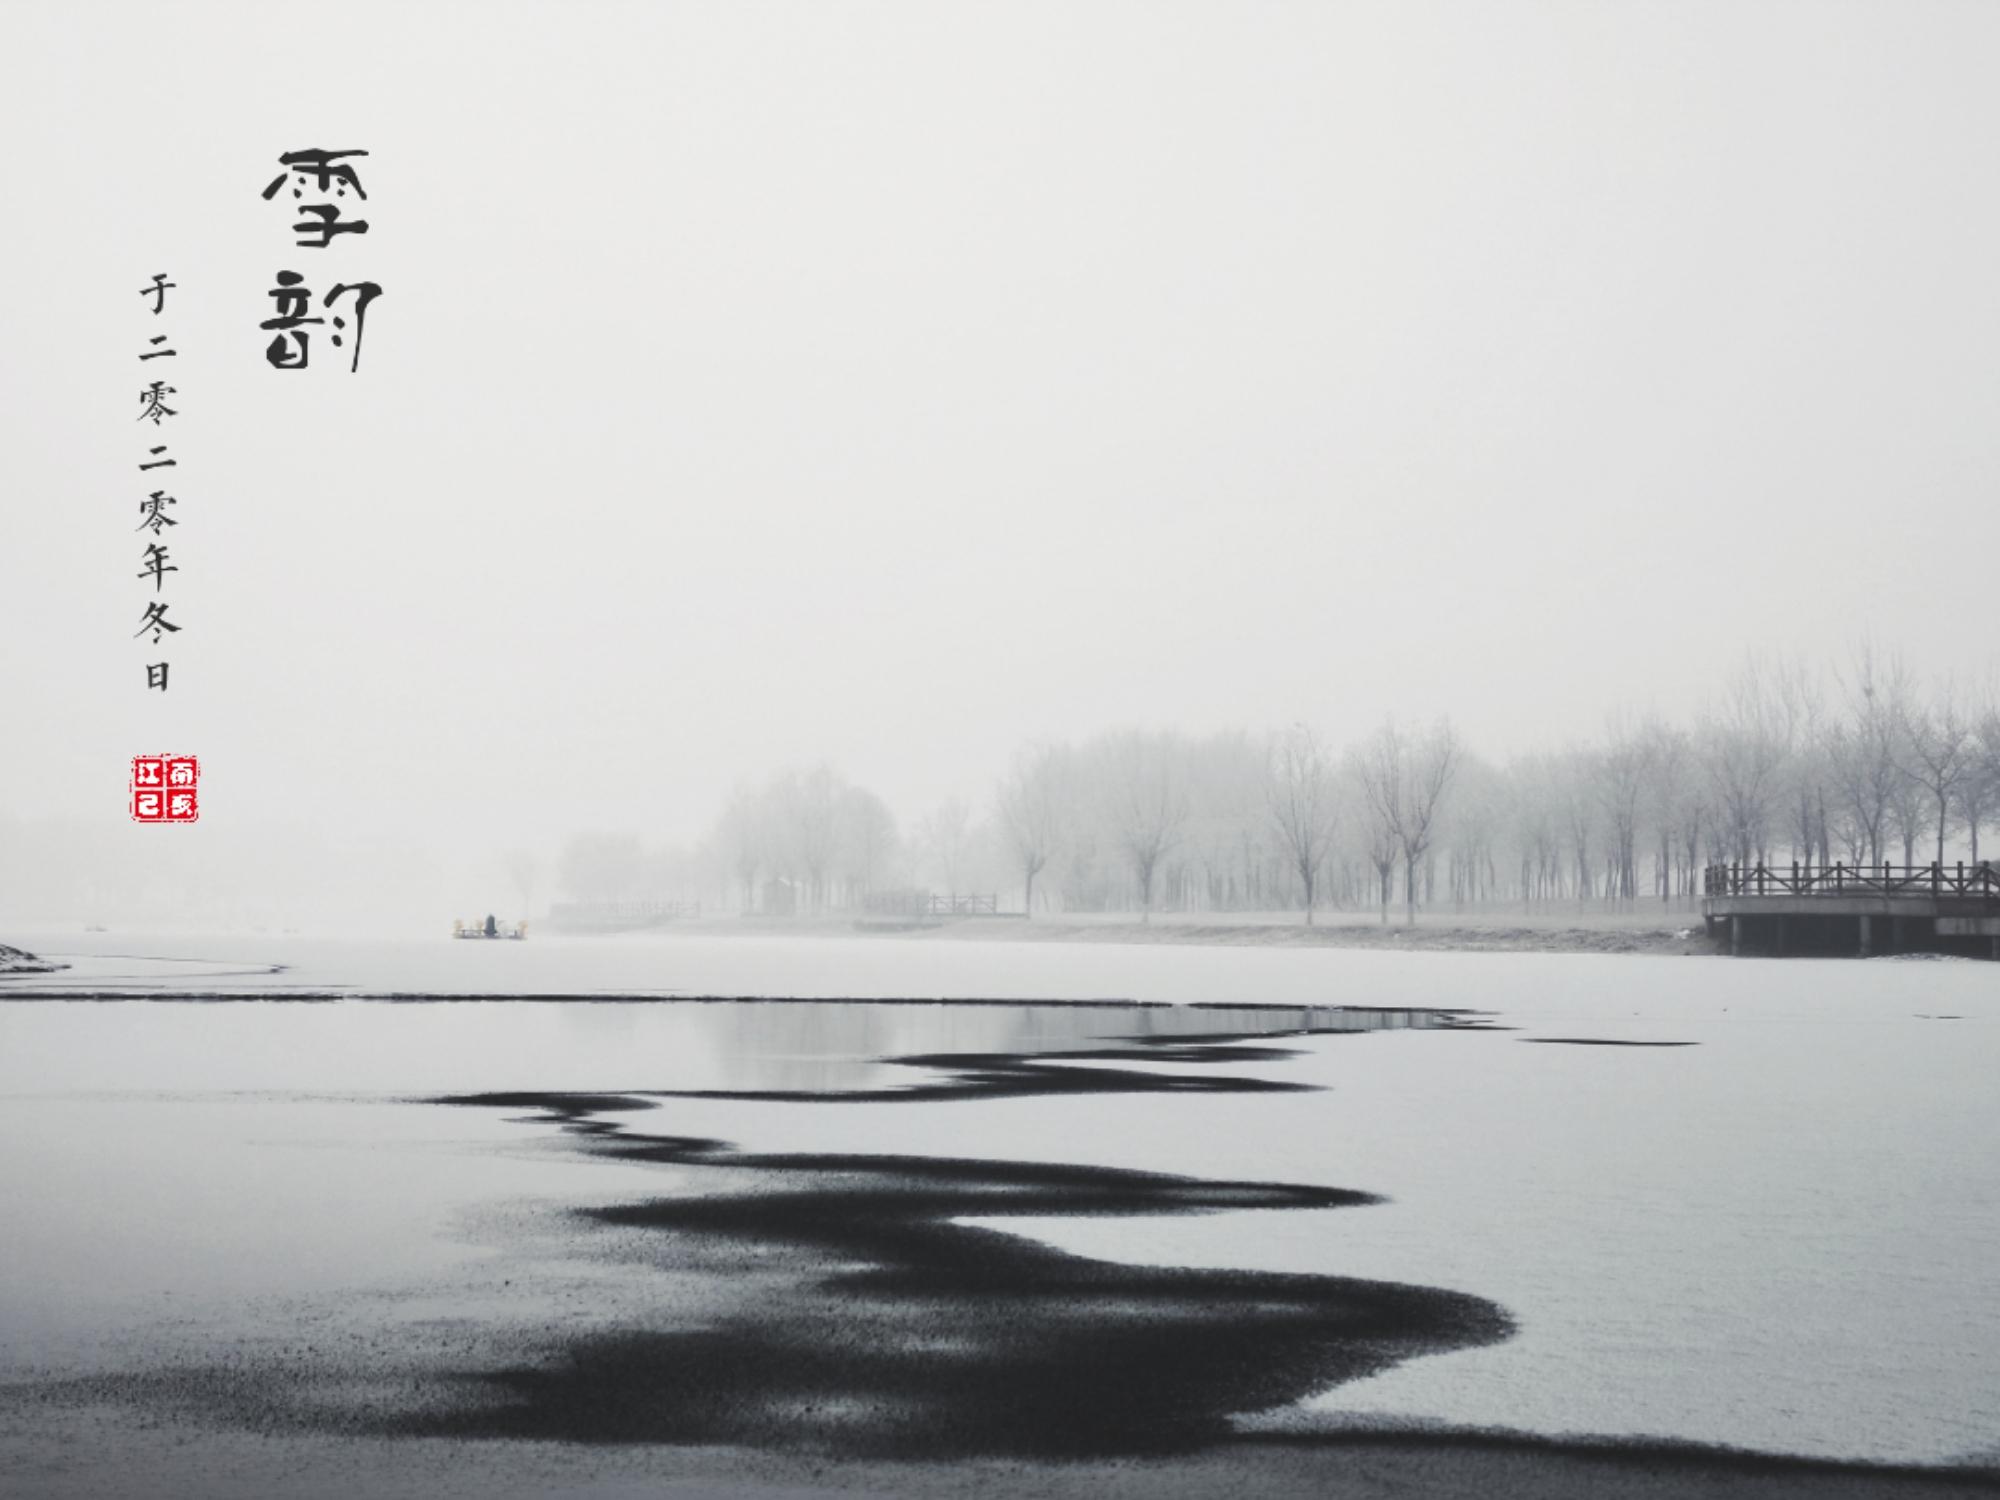 江南1969.jpg